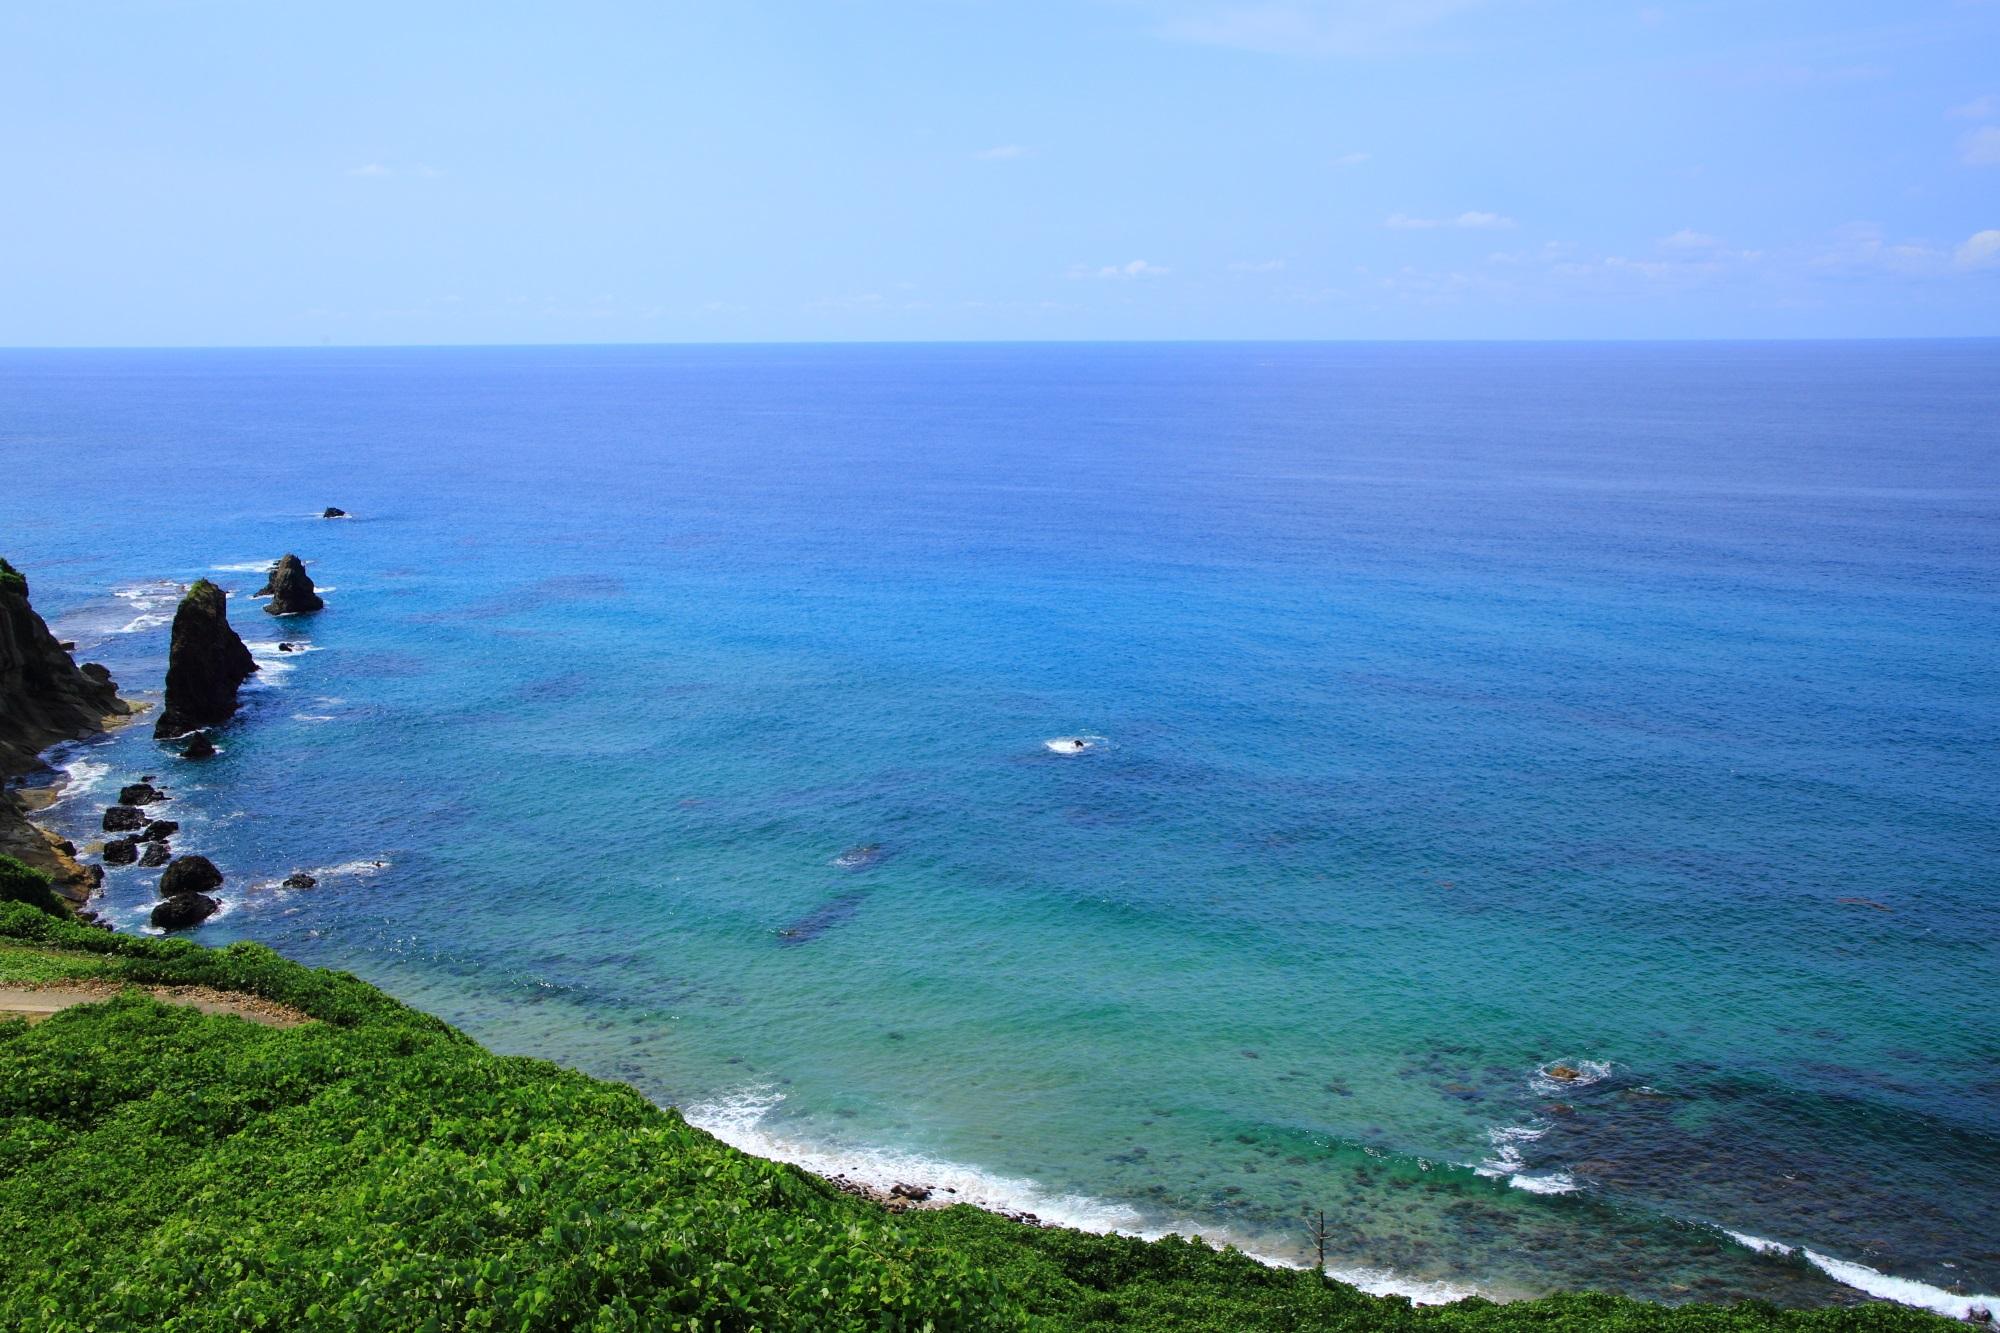 青と緑の透き通った凄い色の海と屏風岩